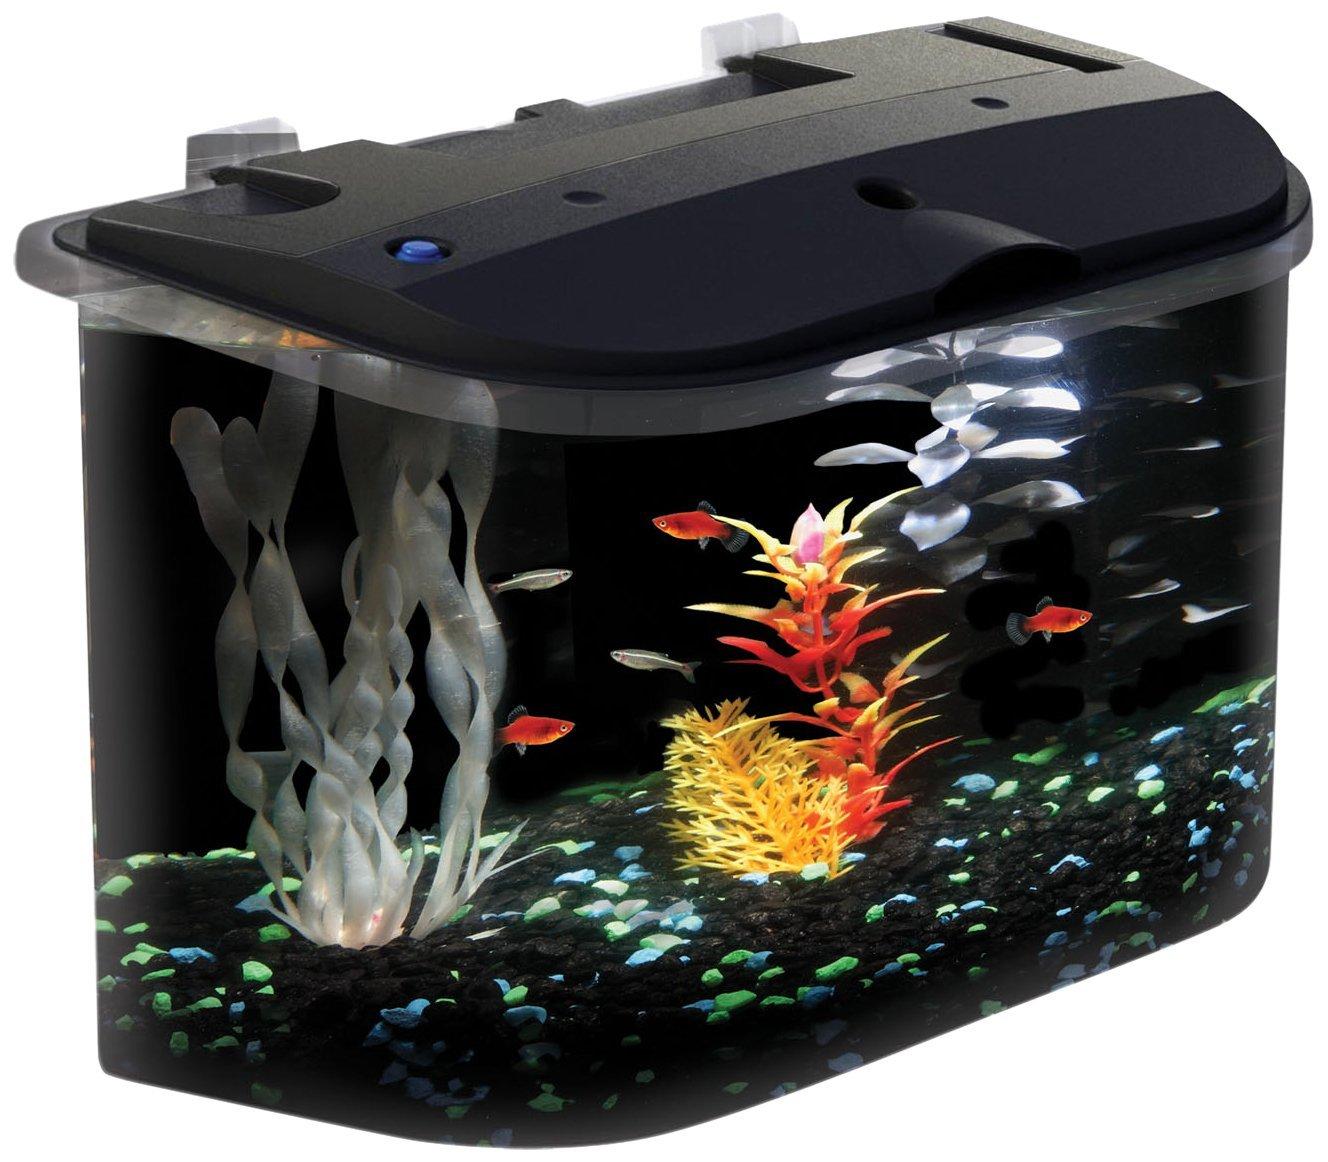 Aq15005 Aquarius 5 Rounded 5 Gallon Aquarium Kit | Fish Tank Sale